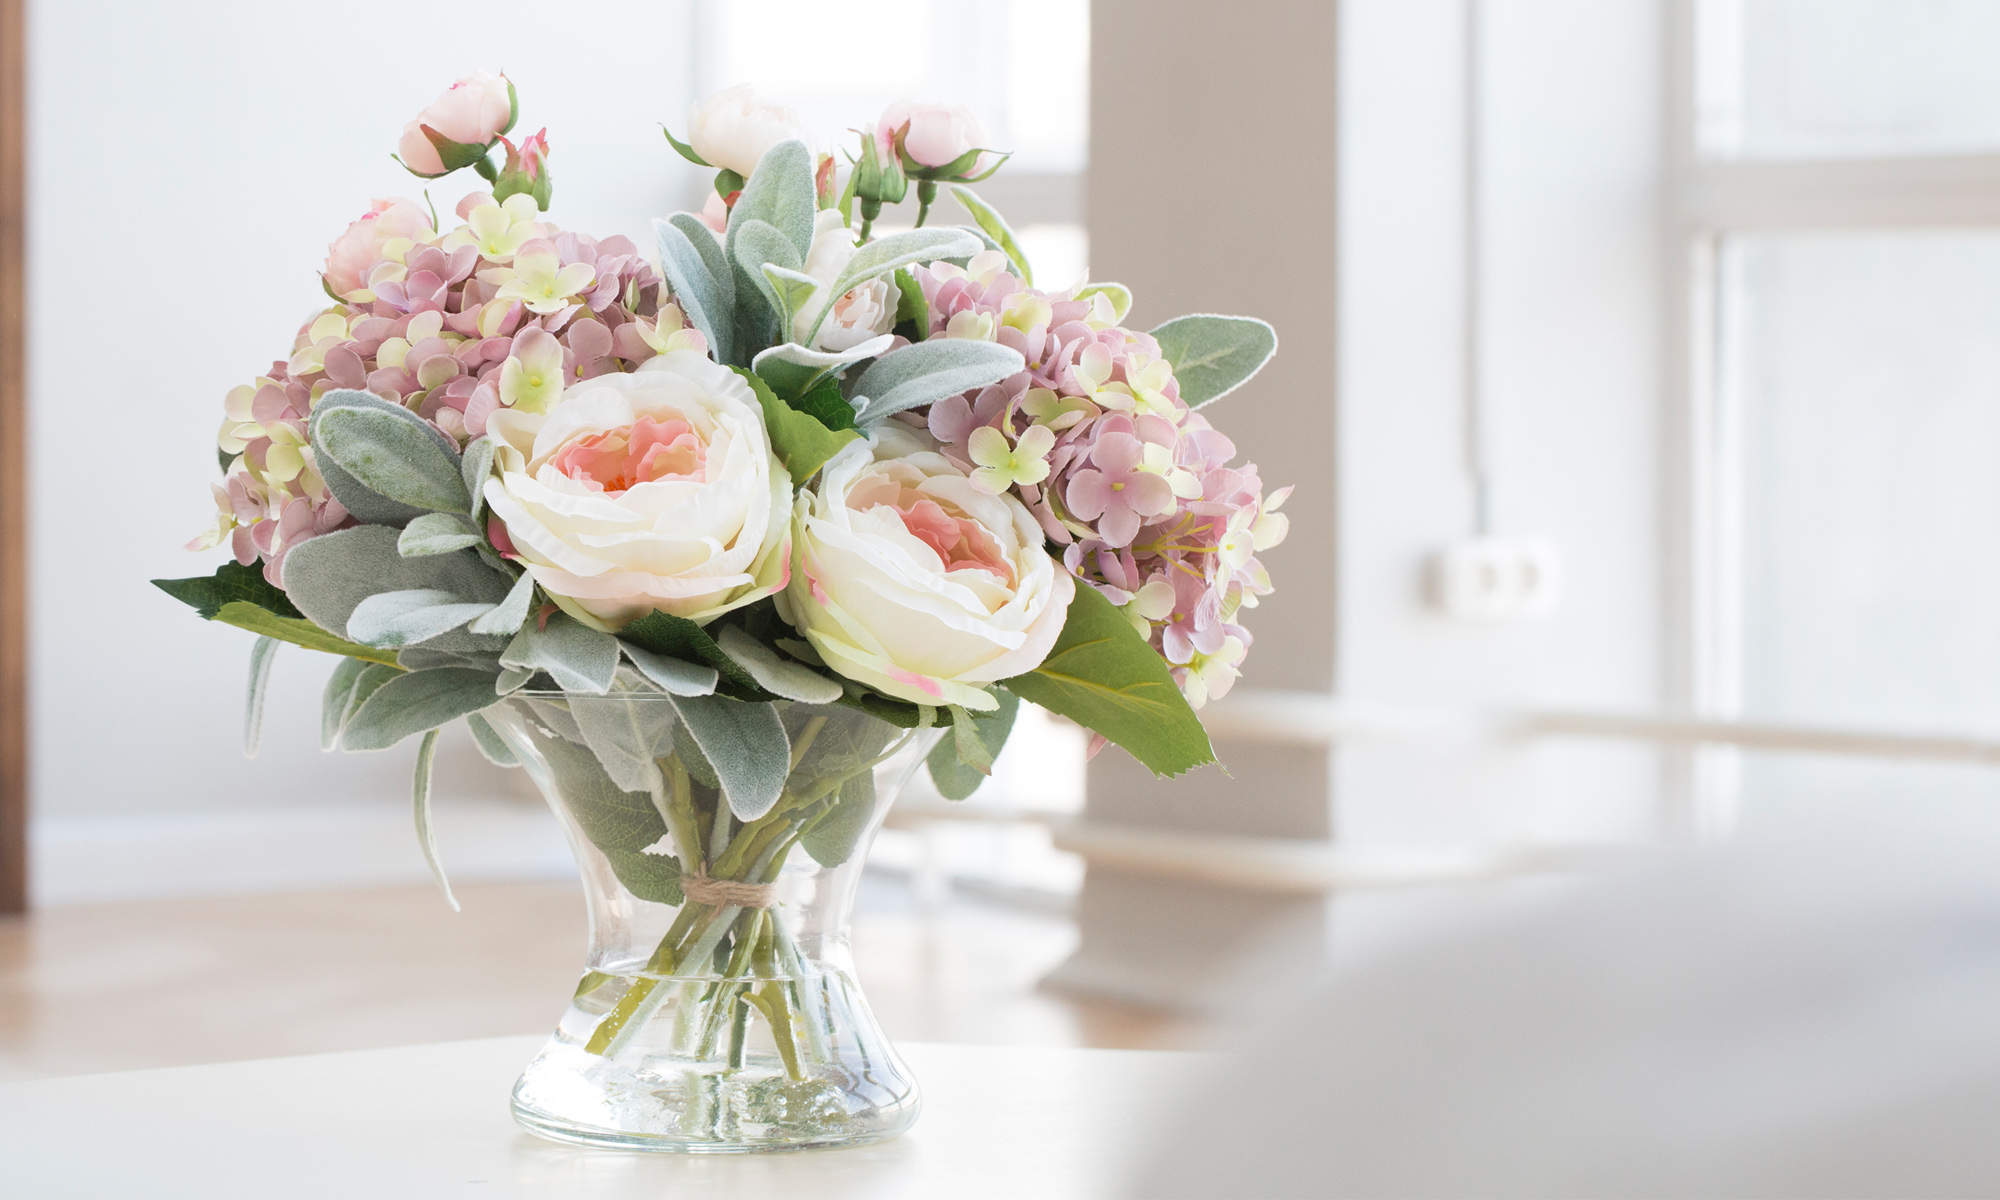 Купить Композиция из искусственных цветов - пудровая гортензия, розы, статица, inmyroom, Россия